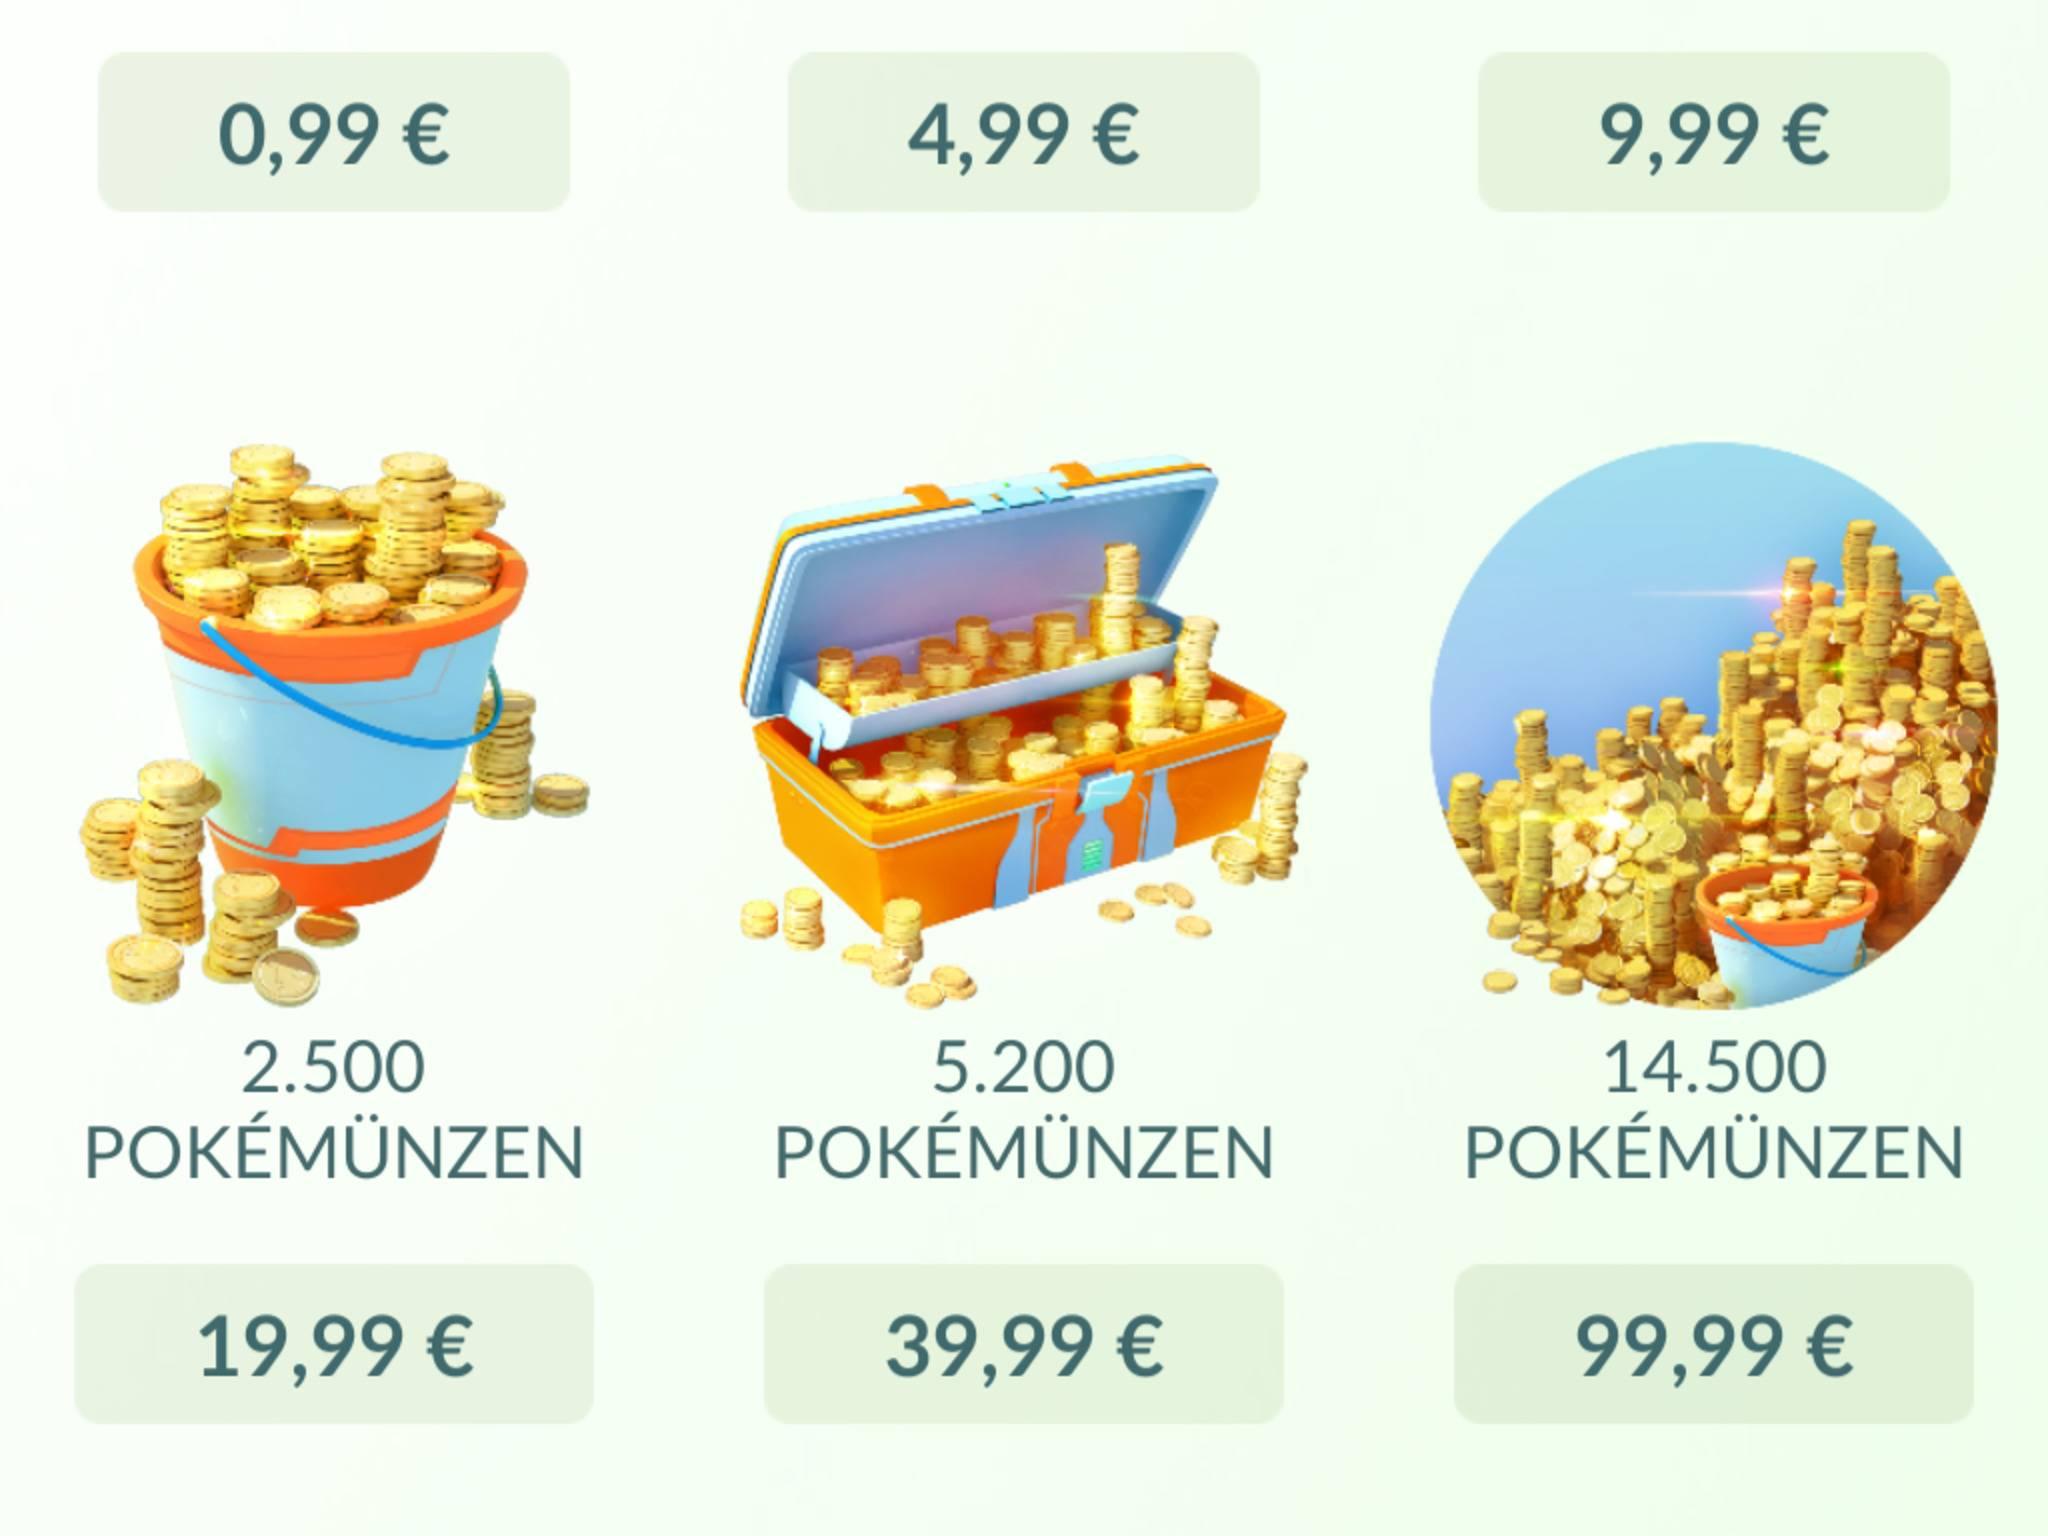 Der Kauf von Pokémünzen kann auf Dauer richtig ins (Echt)-Geld gehen.